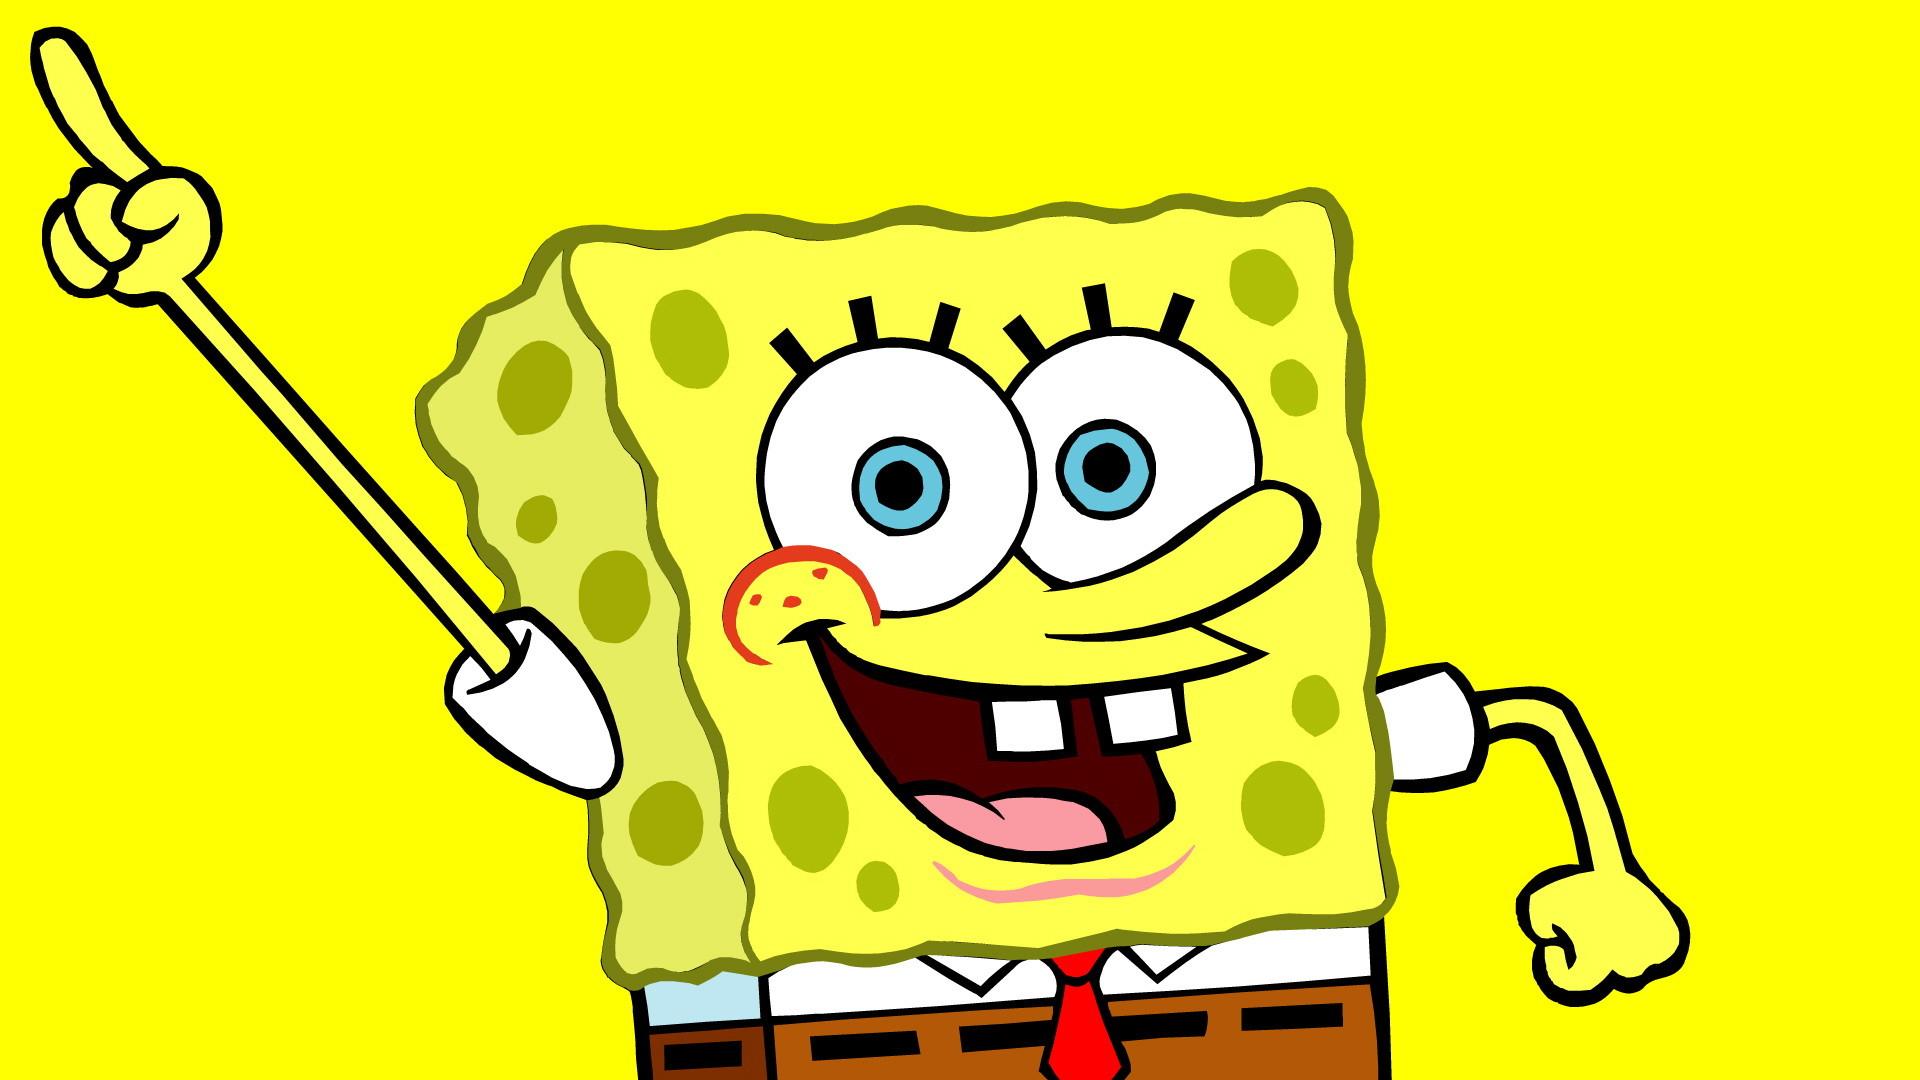 Spongebob Screensavers and Wallpaper (66+ images)